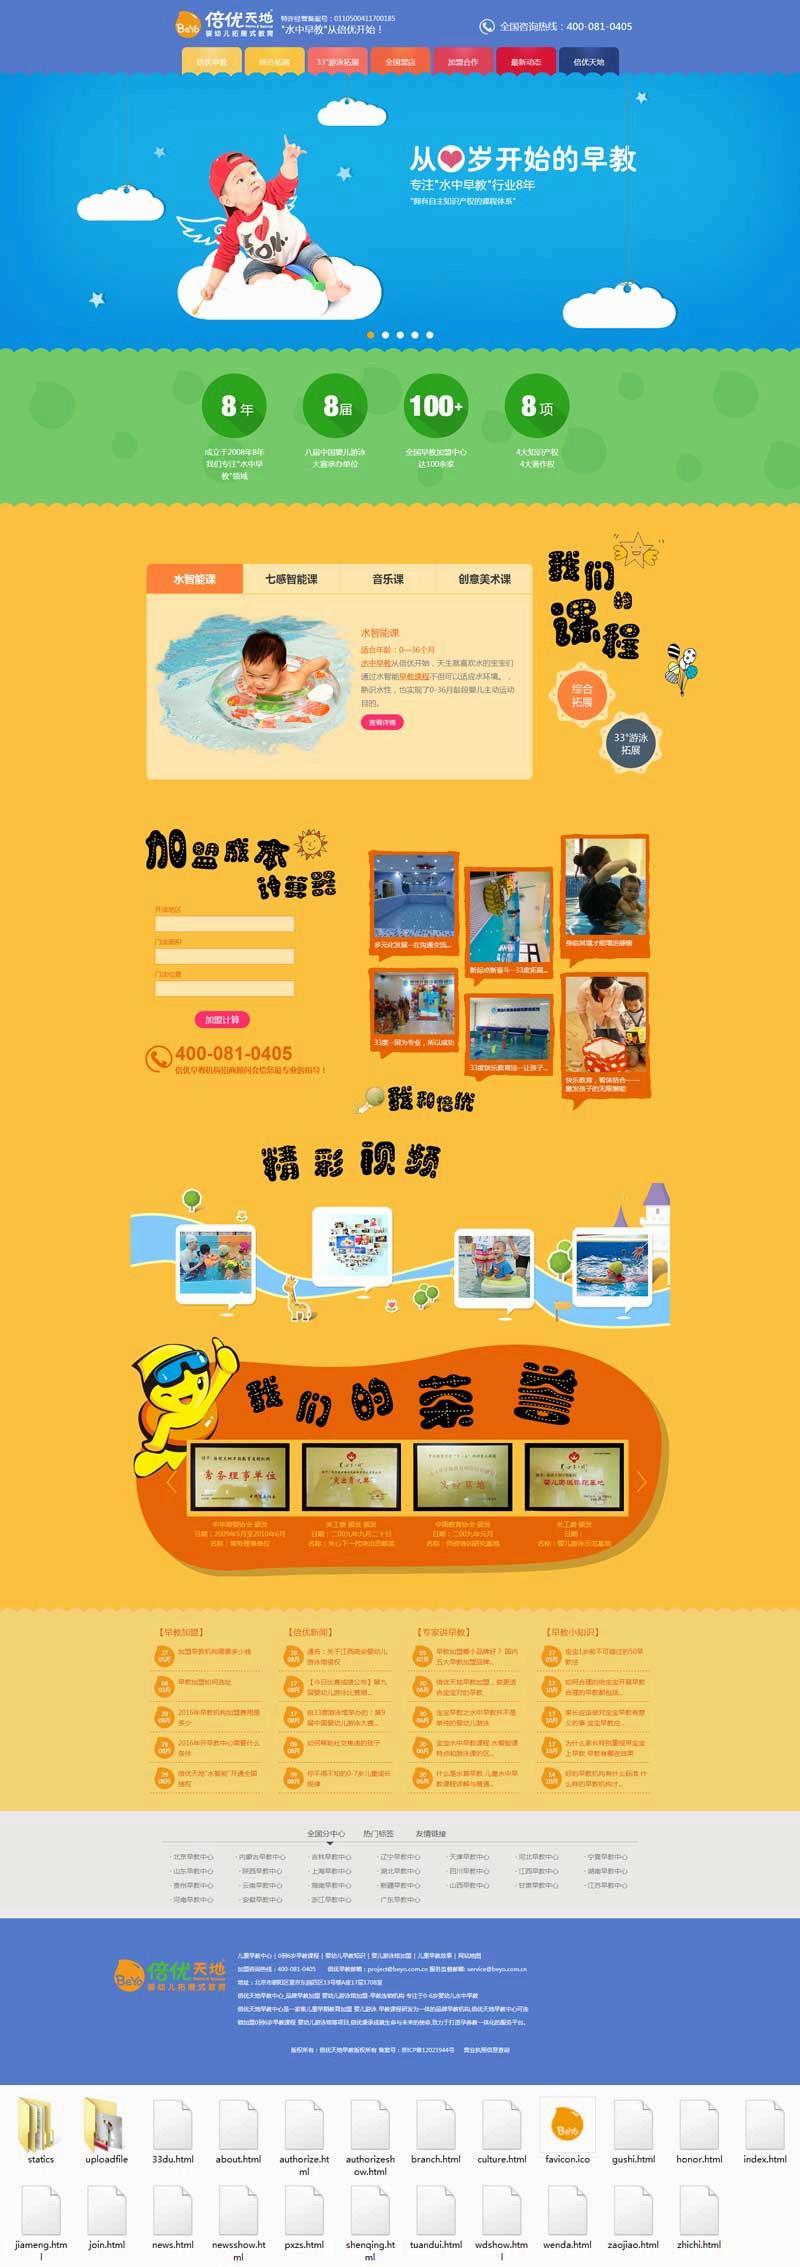 卡通可爱的婴幼儿早教培训机构网站模板html整站